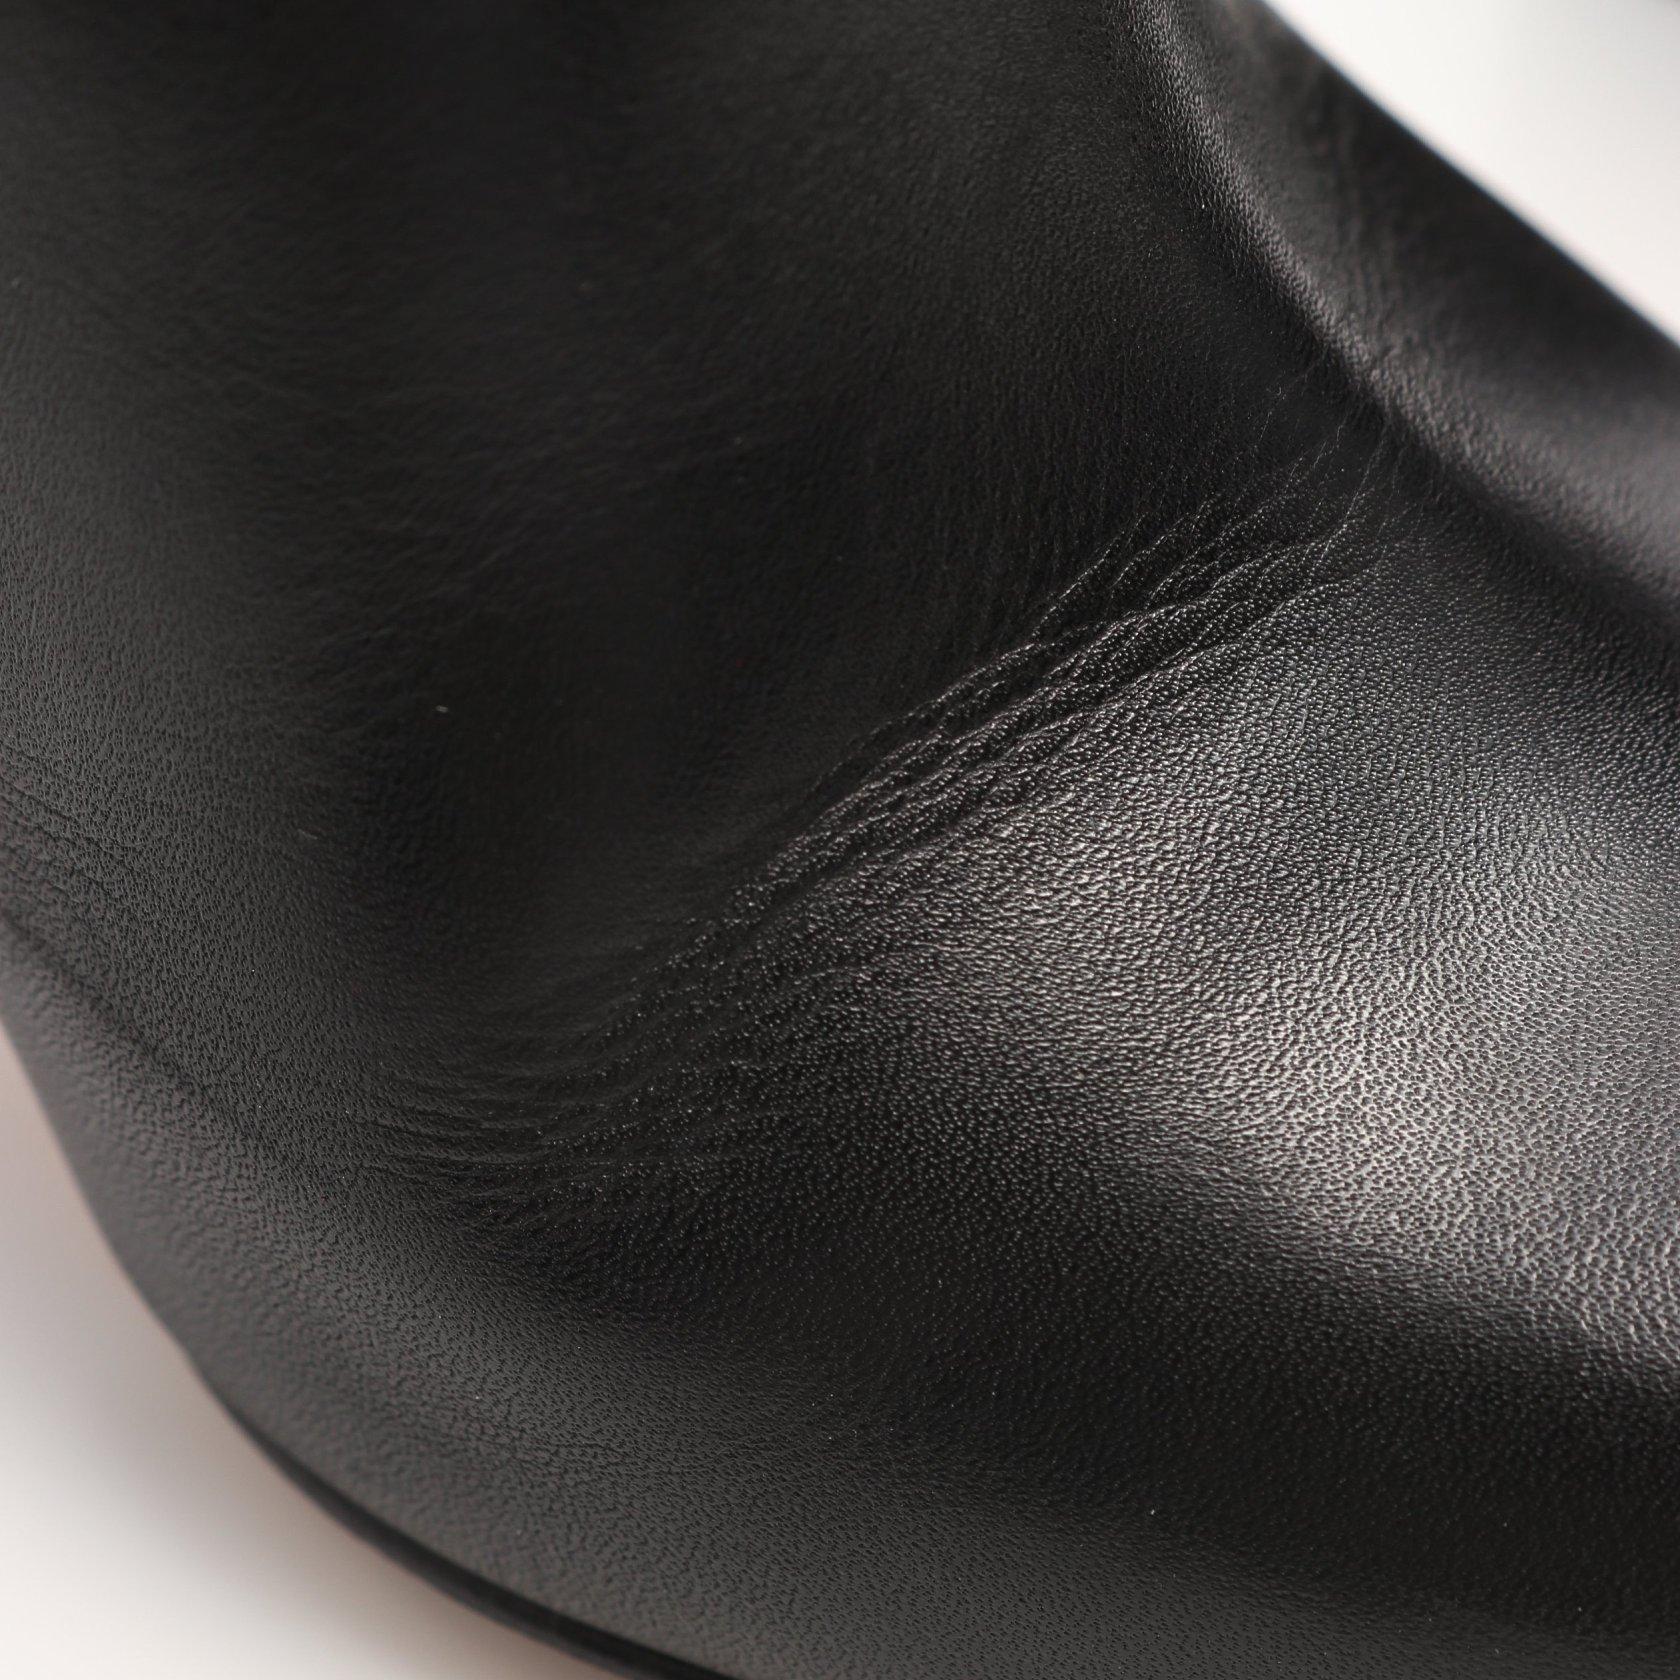 VALENTINO GARAVANI・シューズ・ロックスタッズ アンクル ブーツ レザー ブラック サイドジップ